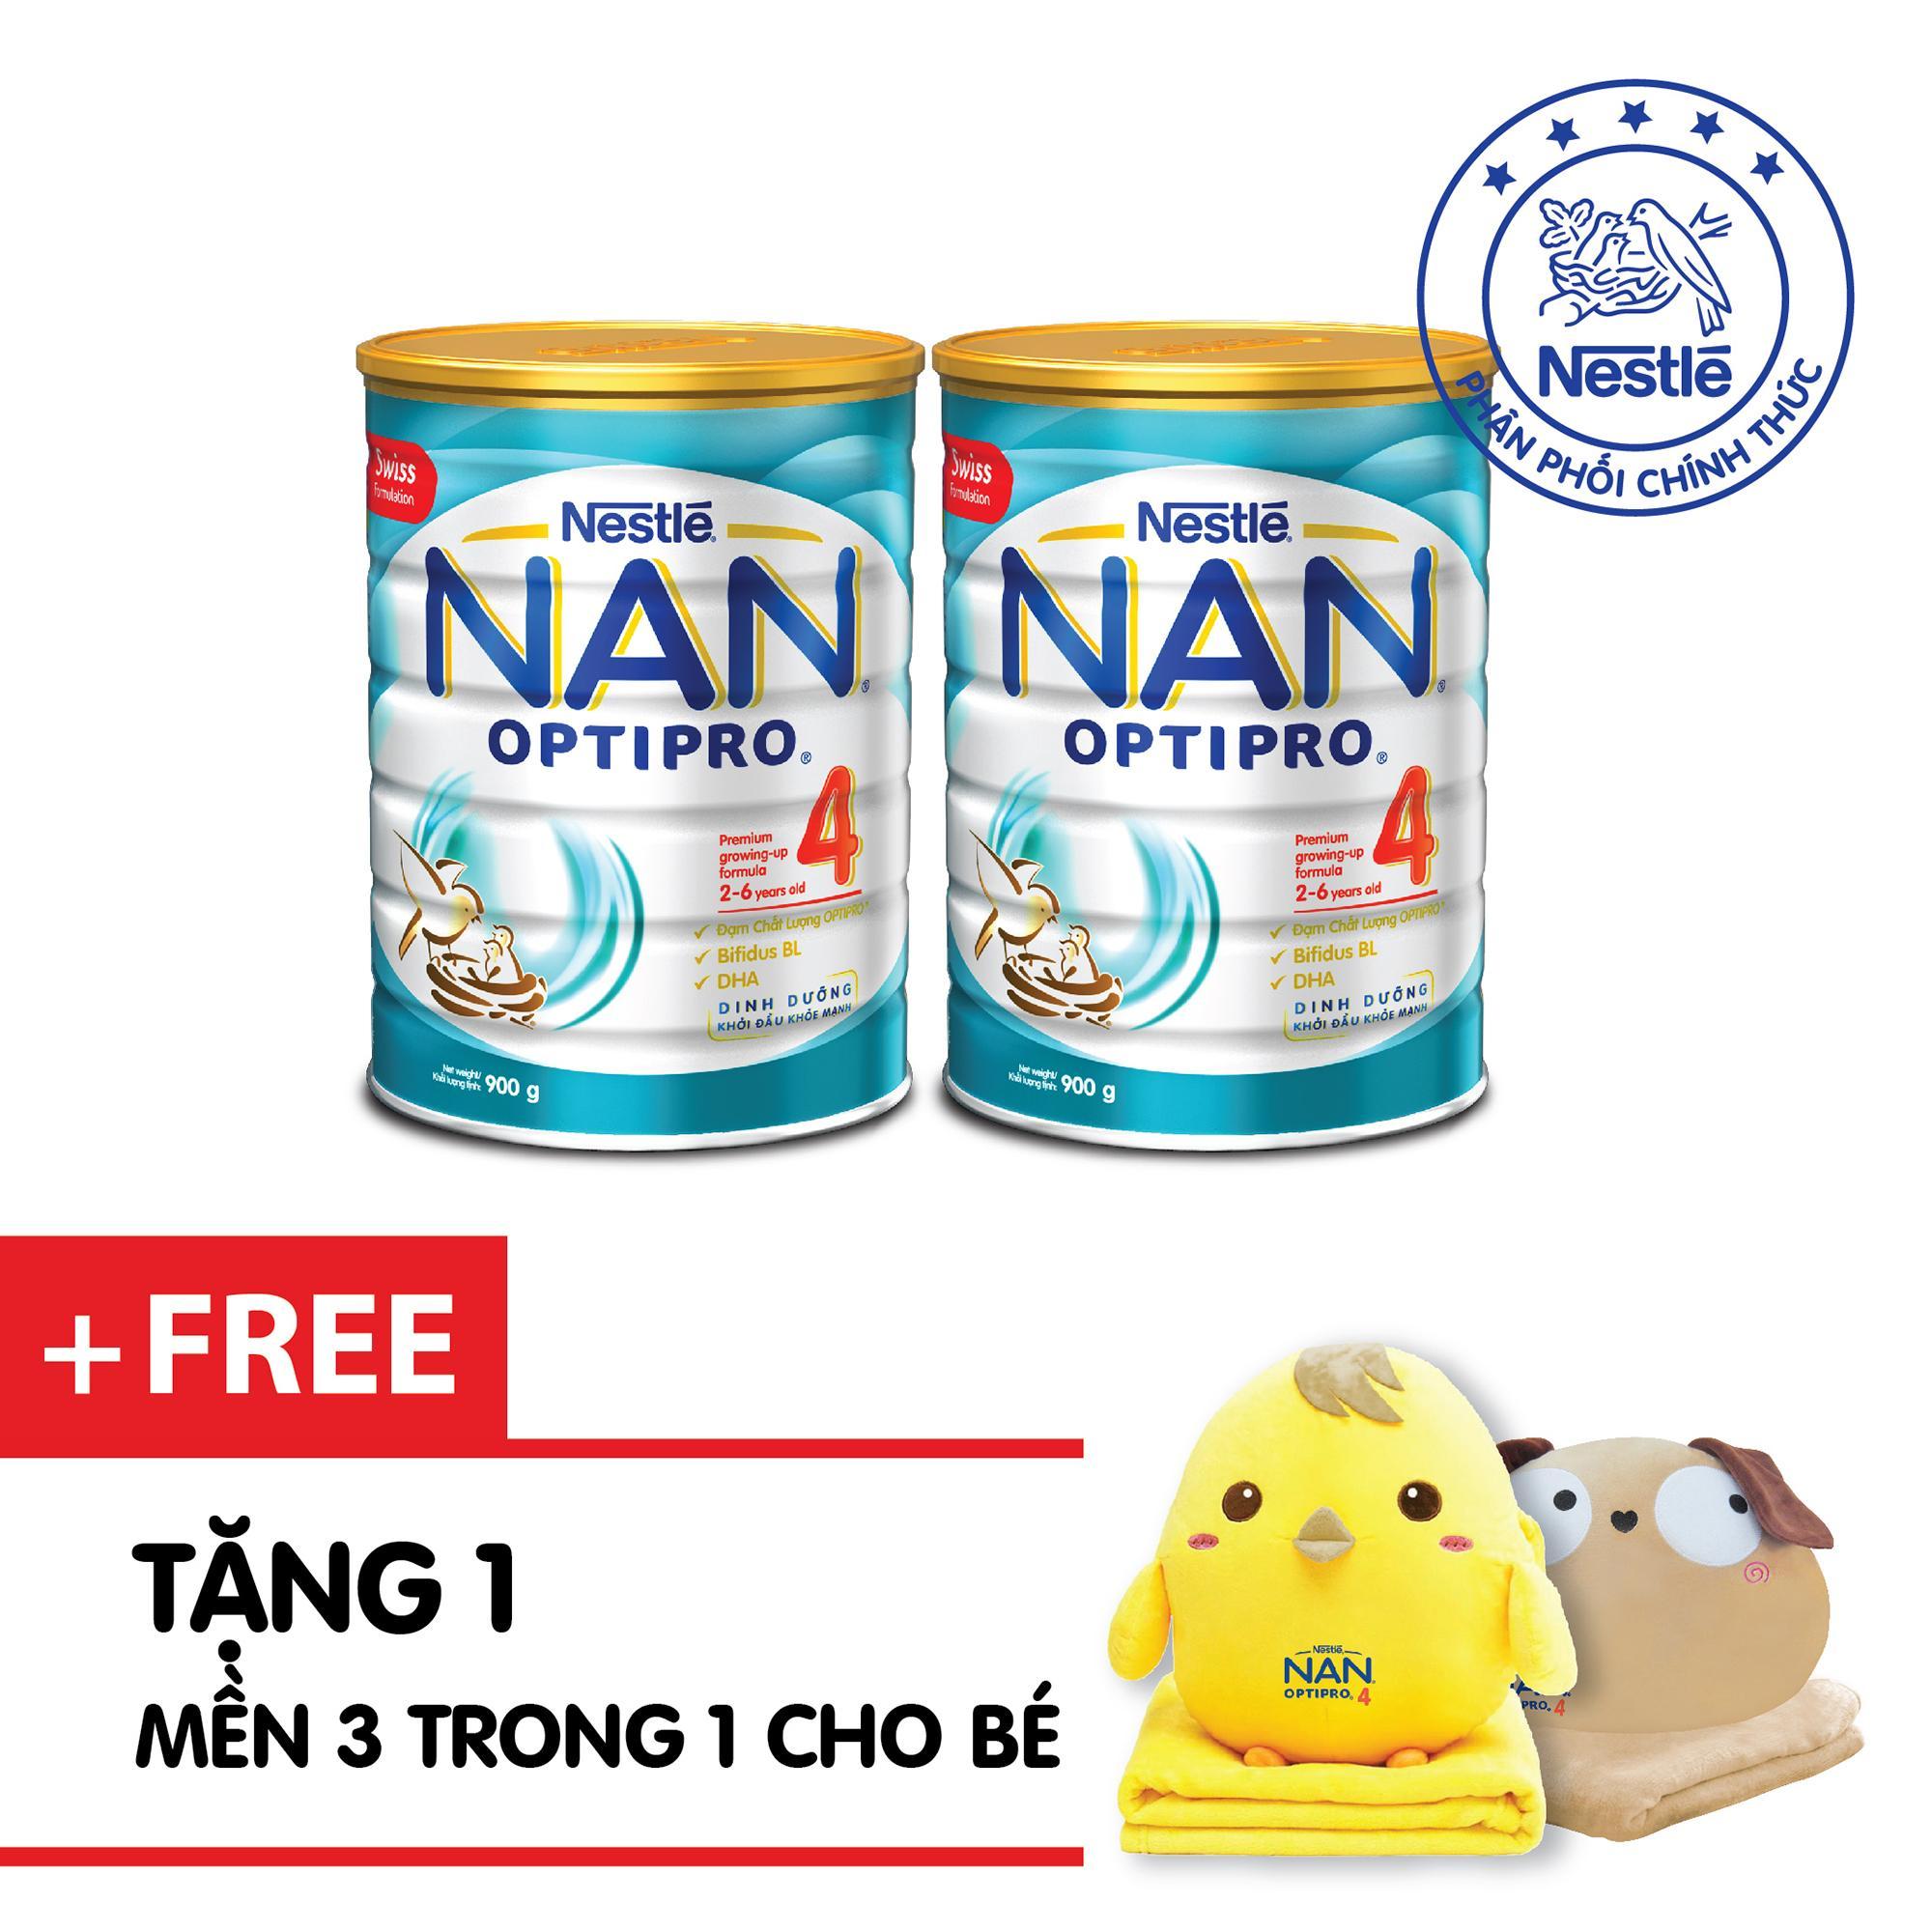 Bán Combo 2 Lon Sữa Bột Nestle Nan Optipro 4 900G Tặng 1 Bộ Gối Mền Cực Xịn Trong Hồ Chí Minh